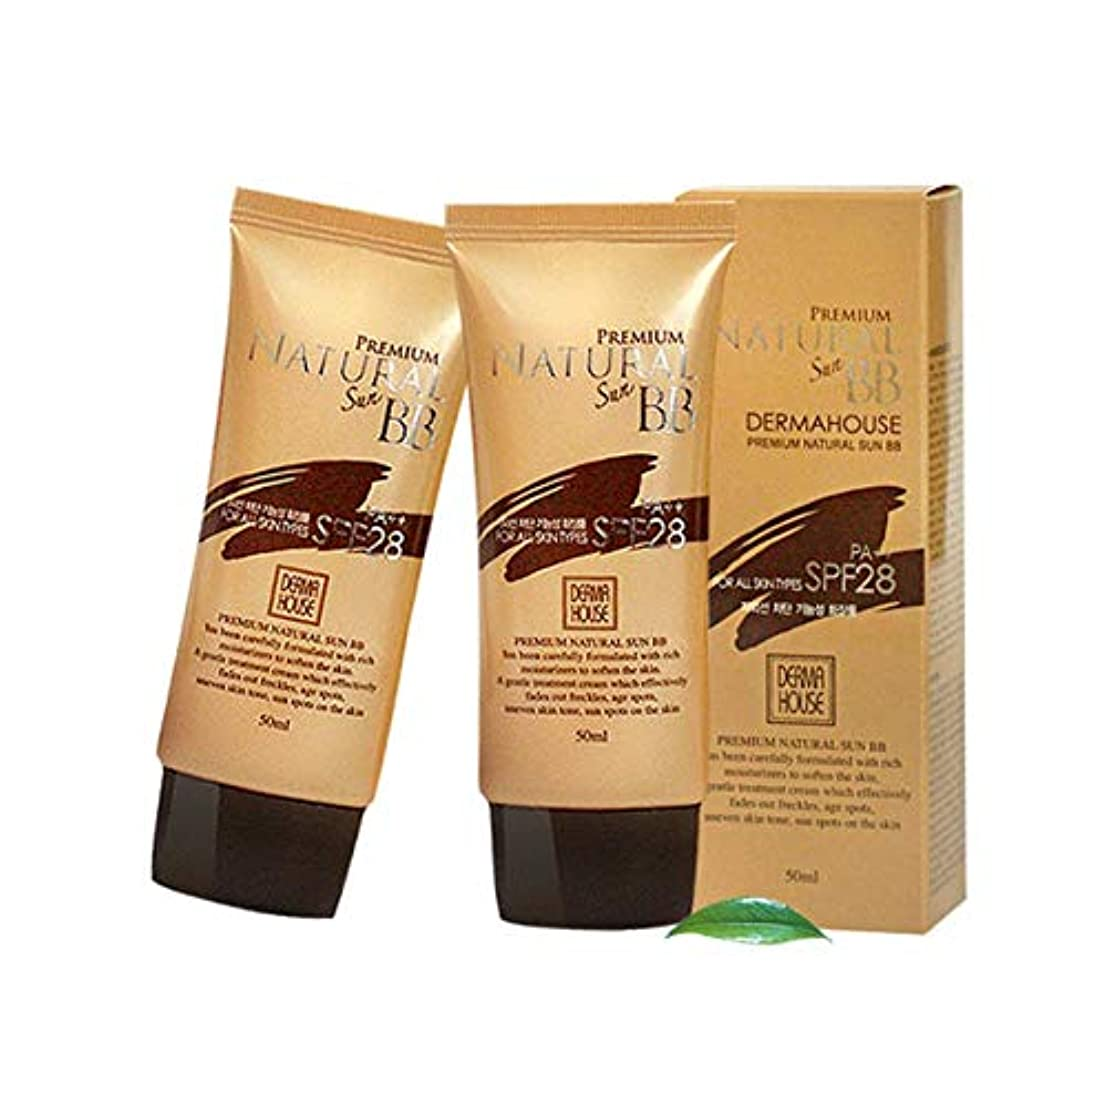 フラッシュのように素早くカッター遠洋のダーマハウスプレミアムナチュラルサンBBクリーム 50mlx2本セット韓国コスメ、Derma House Premium Natural Sun BB Cream 50ml x 2ea Set Korean Cosmetics...